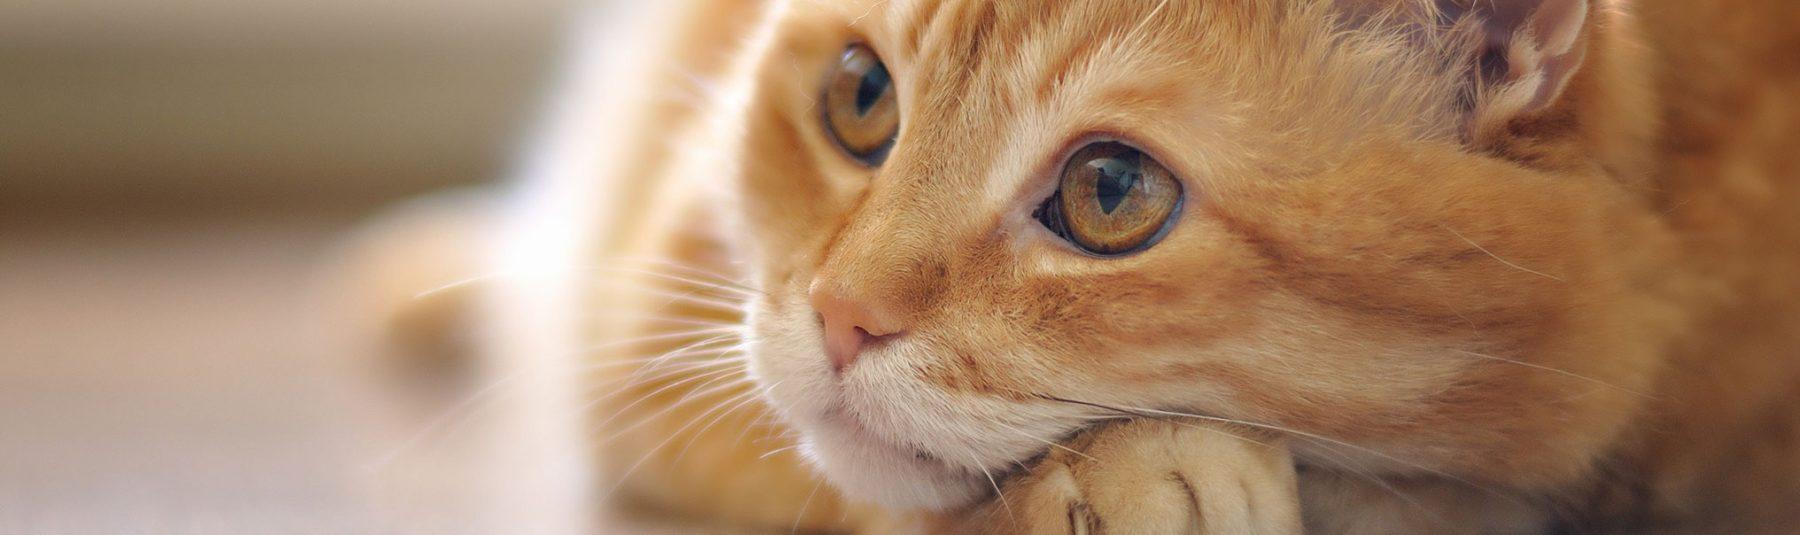 cat-services-cumberland